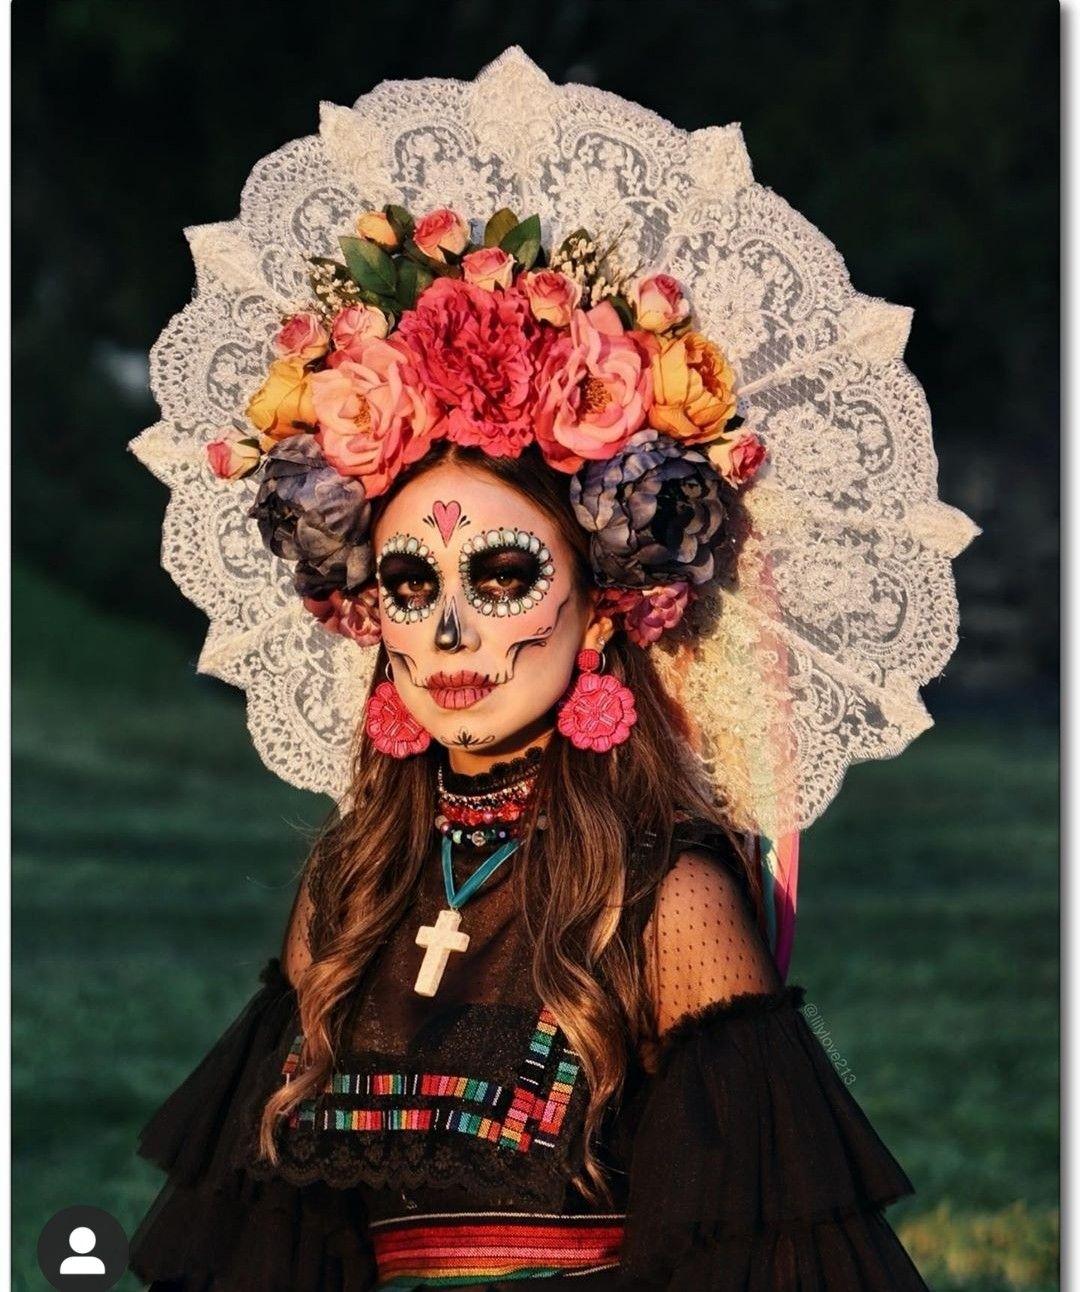 Pin de Angie Alejandra en Disfraces de disney en 2020